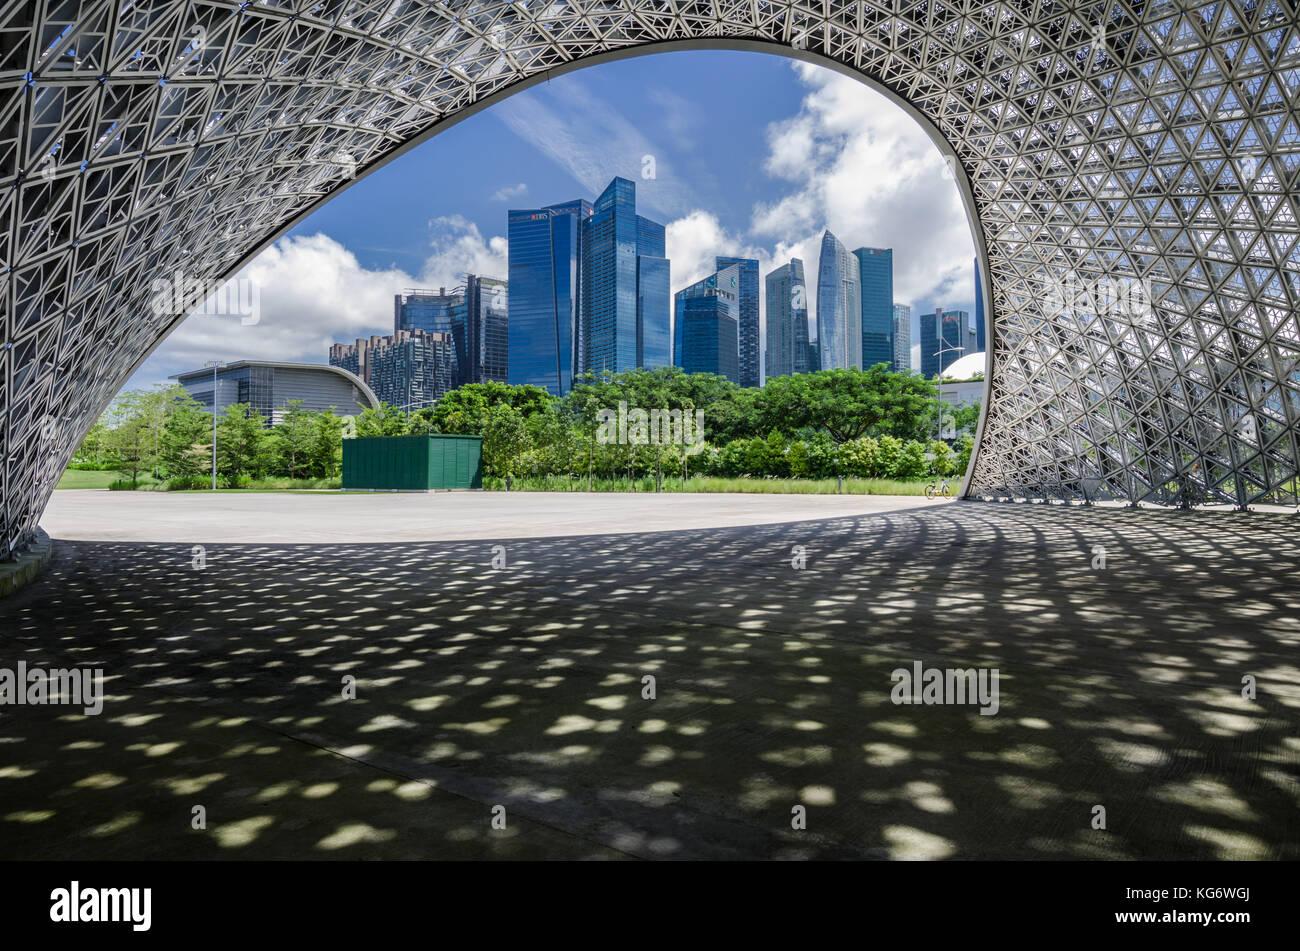 Singapore area CBD come si vede dal futuro noi padiglione espositivo. Il padiglione sono realizzati in alluminio Immagini Stock